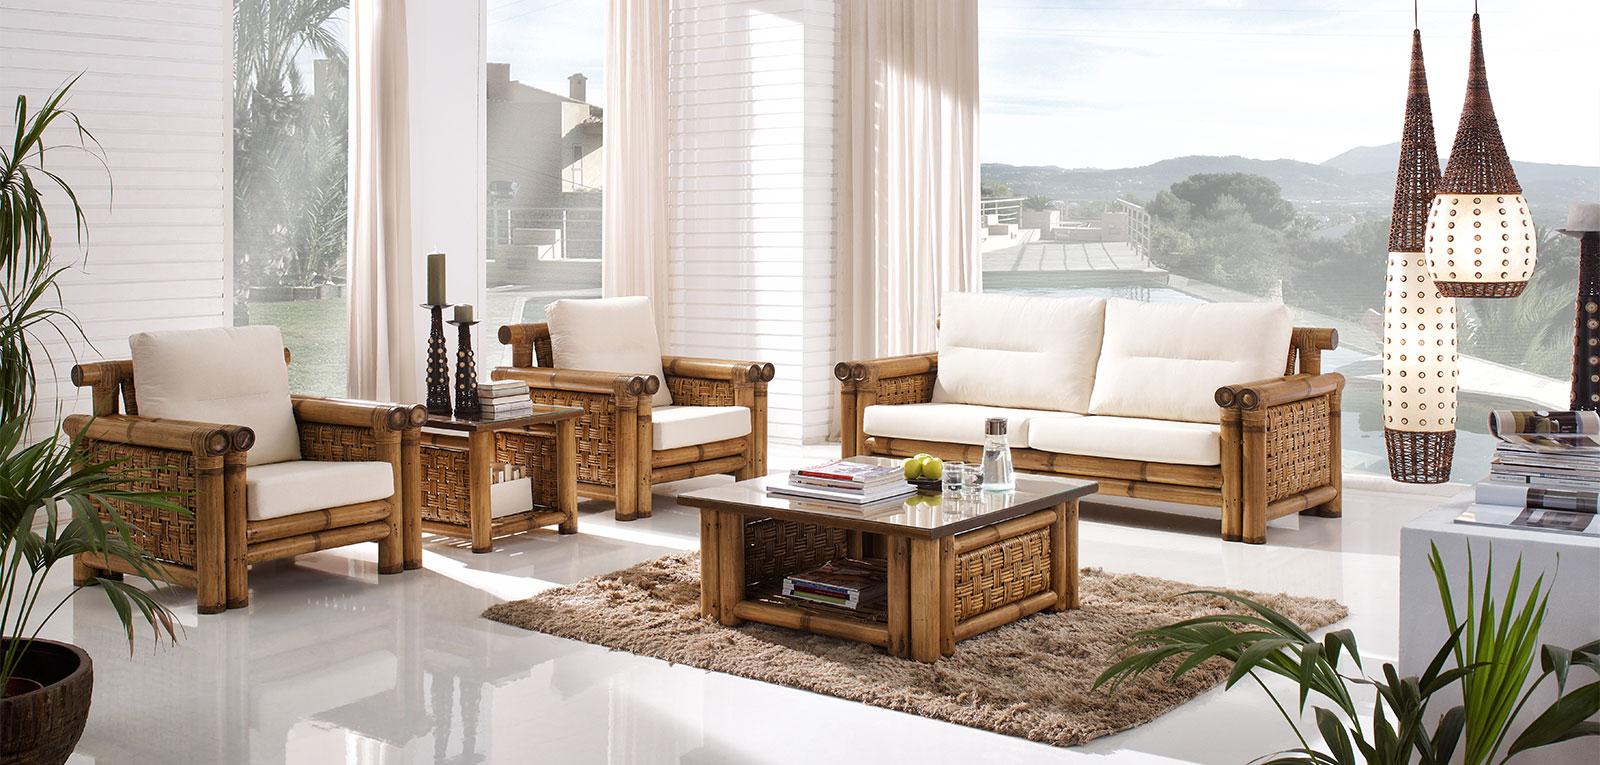 salons et living en bambou un int rieur chic et exotique avec art bambou. Black Bedroom Furniture Sets. Home Design Ideas